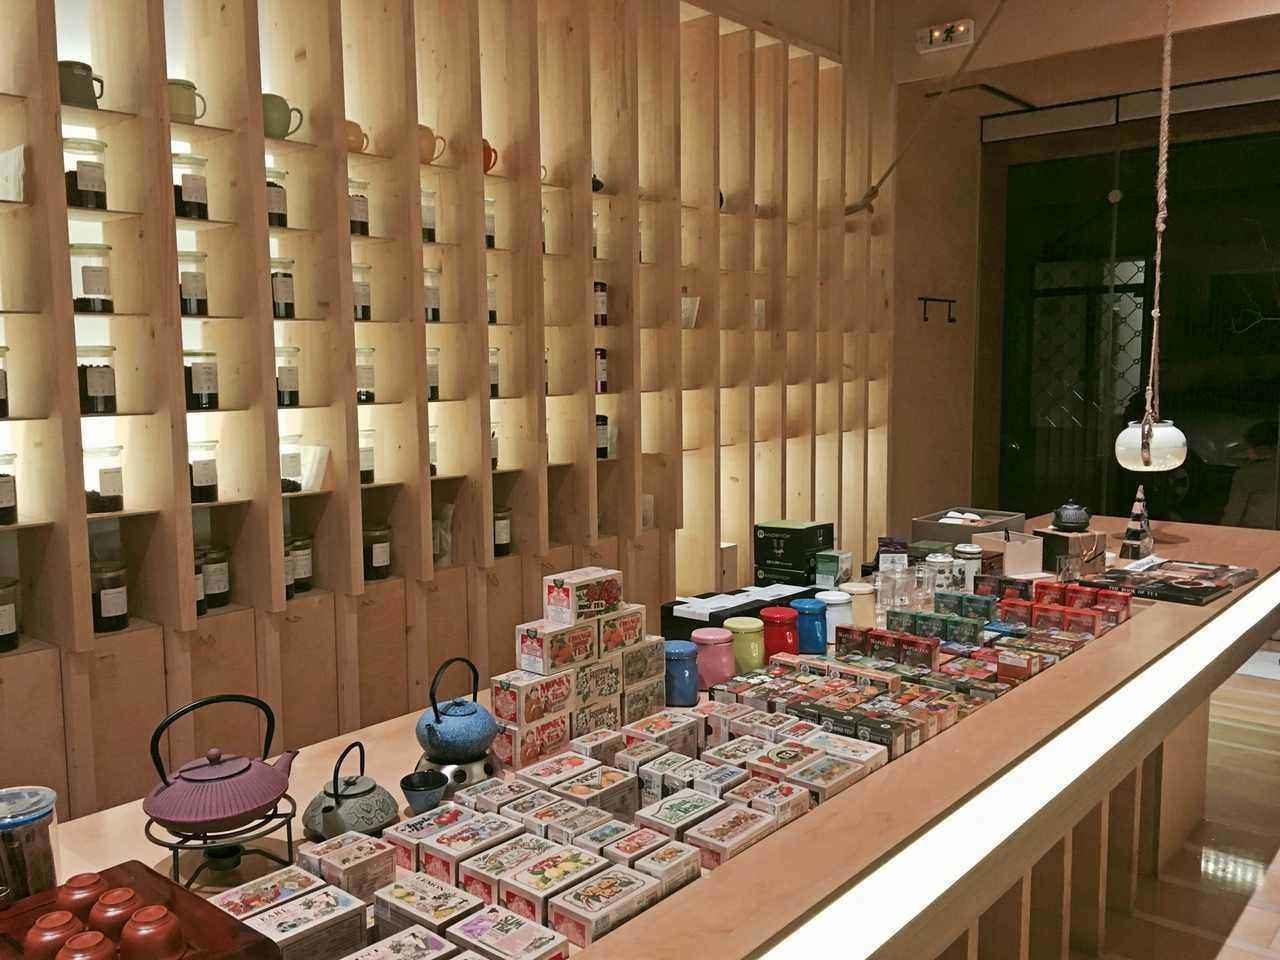 Το Τσάι: Ένα teahouse με άρωμα από όλο τον κόσμο!